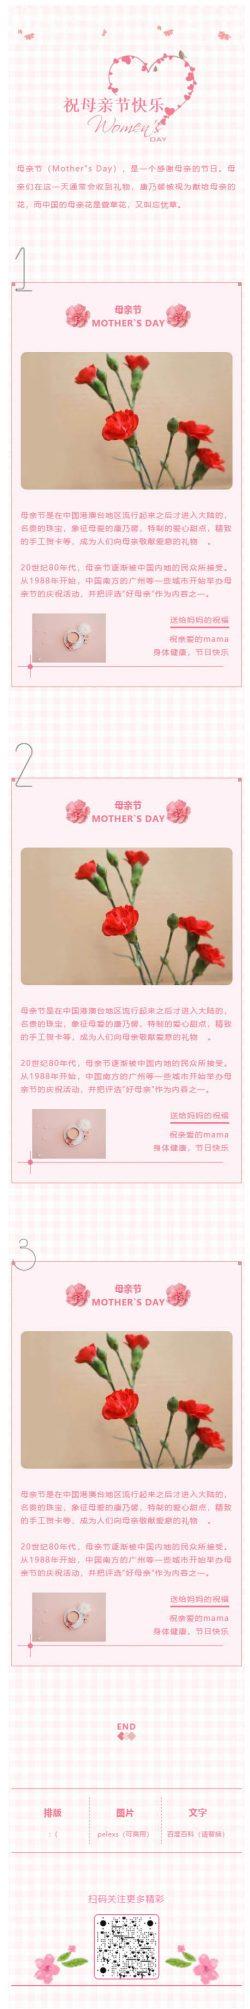 母亲节快乐粉红微信公众号模板红色康乃馨微信营销素材